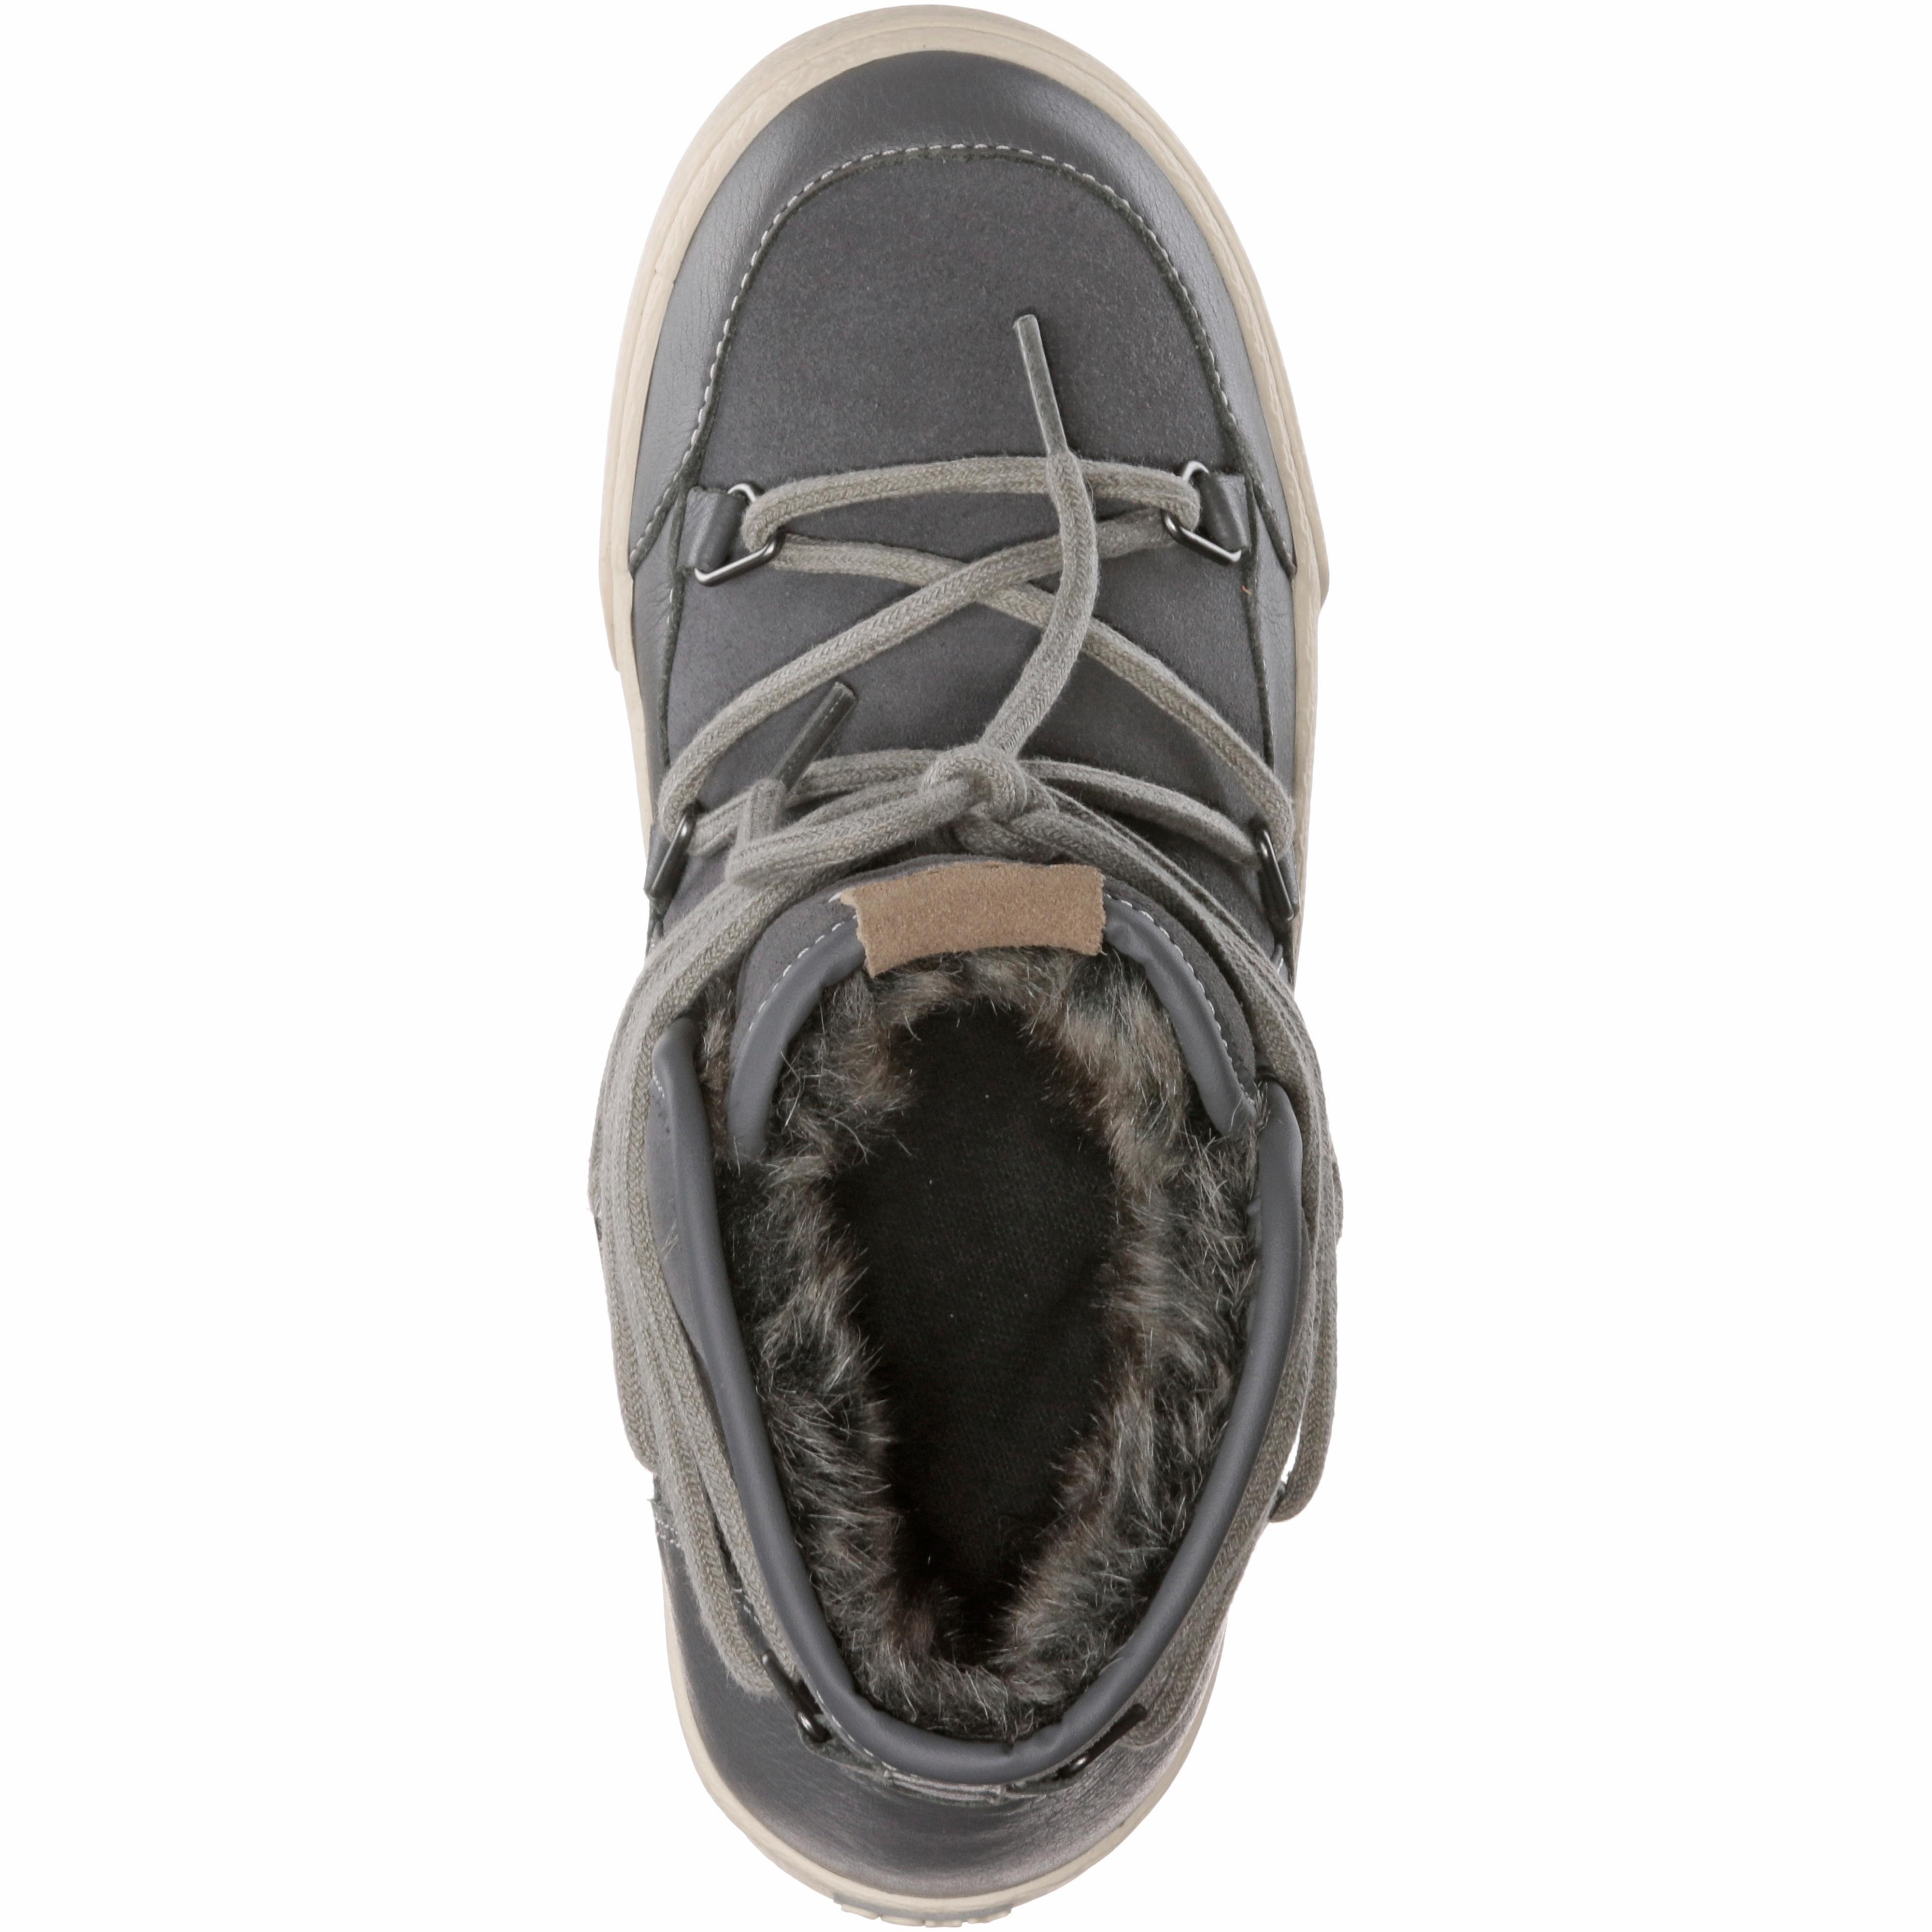 Roxy DARWIN Stiefel Damen CHARCOAL im Online Shop Qualität von SportScheck kaufen Gute Qualität Shop beliebte Schuhe e02f0e